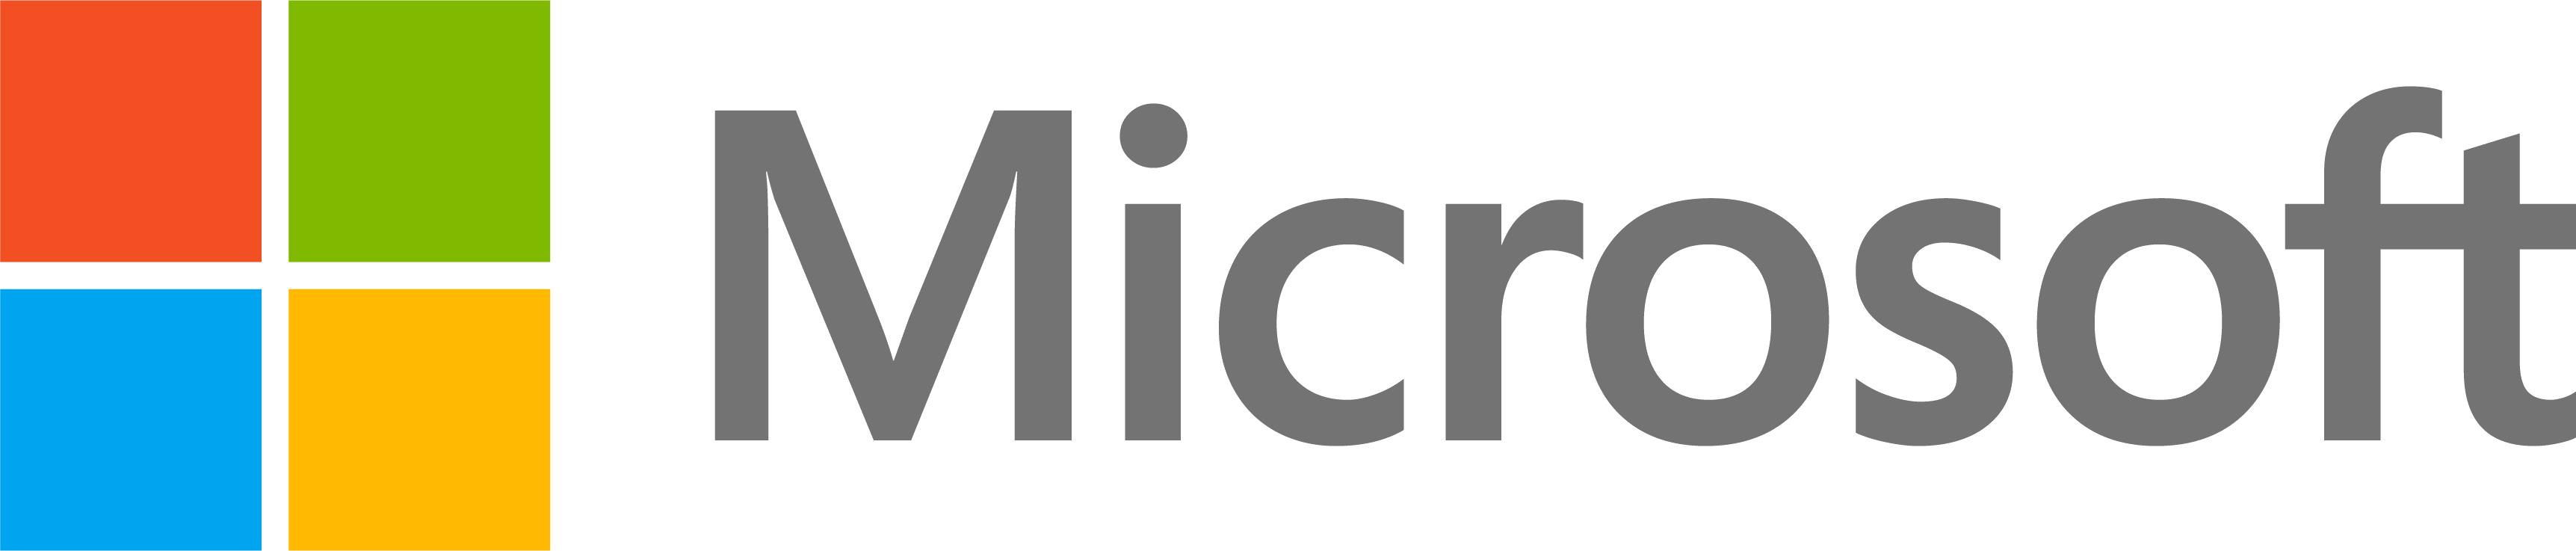 Microsoft Logos Png Images Free Download - Microsoft Logo PNG